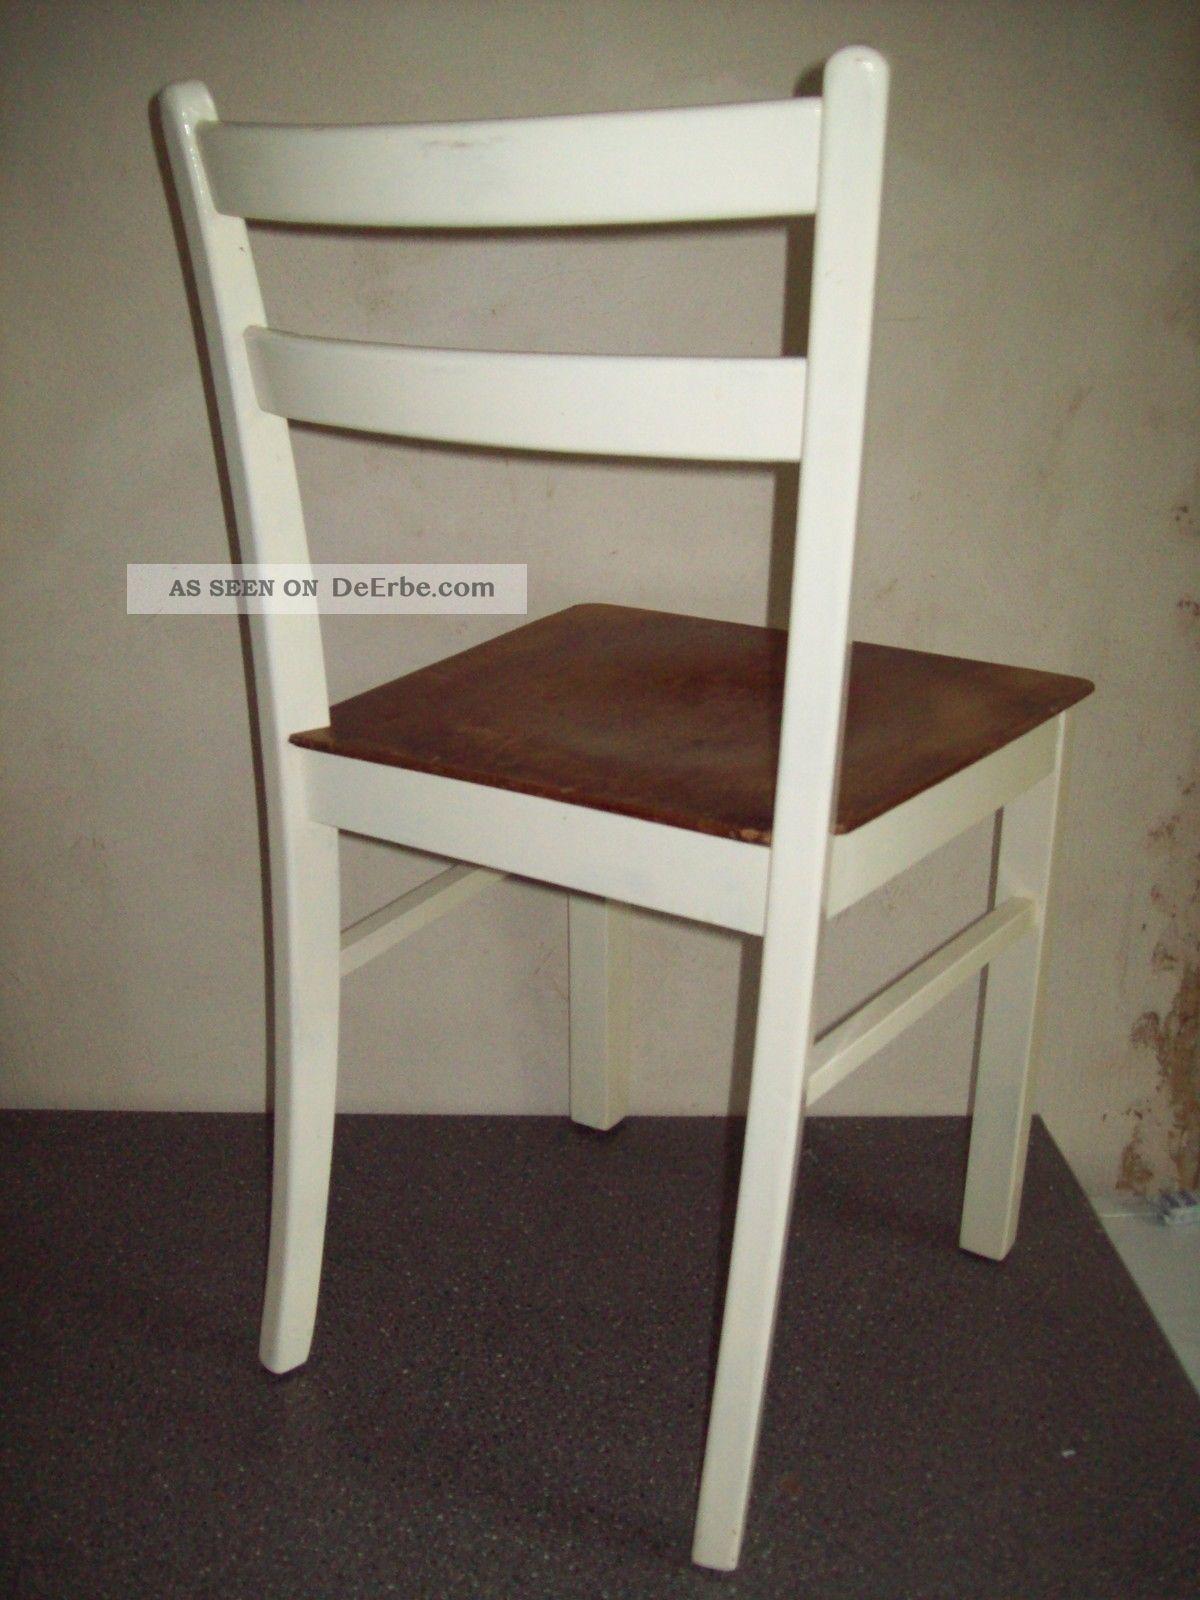 Alter cafe bistro stuhl k chenstuhl bauhaus design 1 von 2 for Stuhl design bauhaus